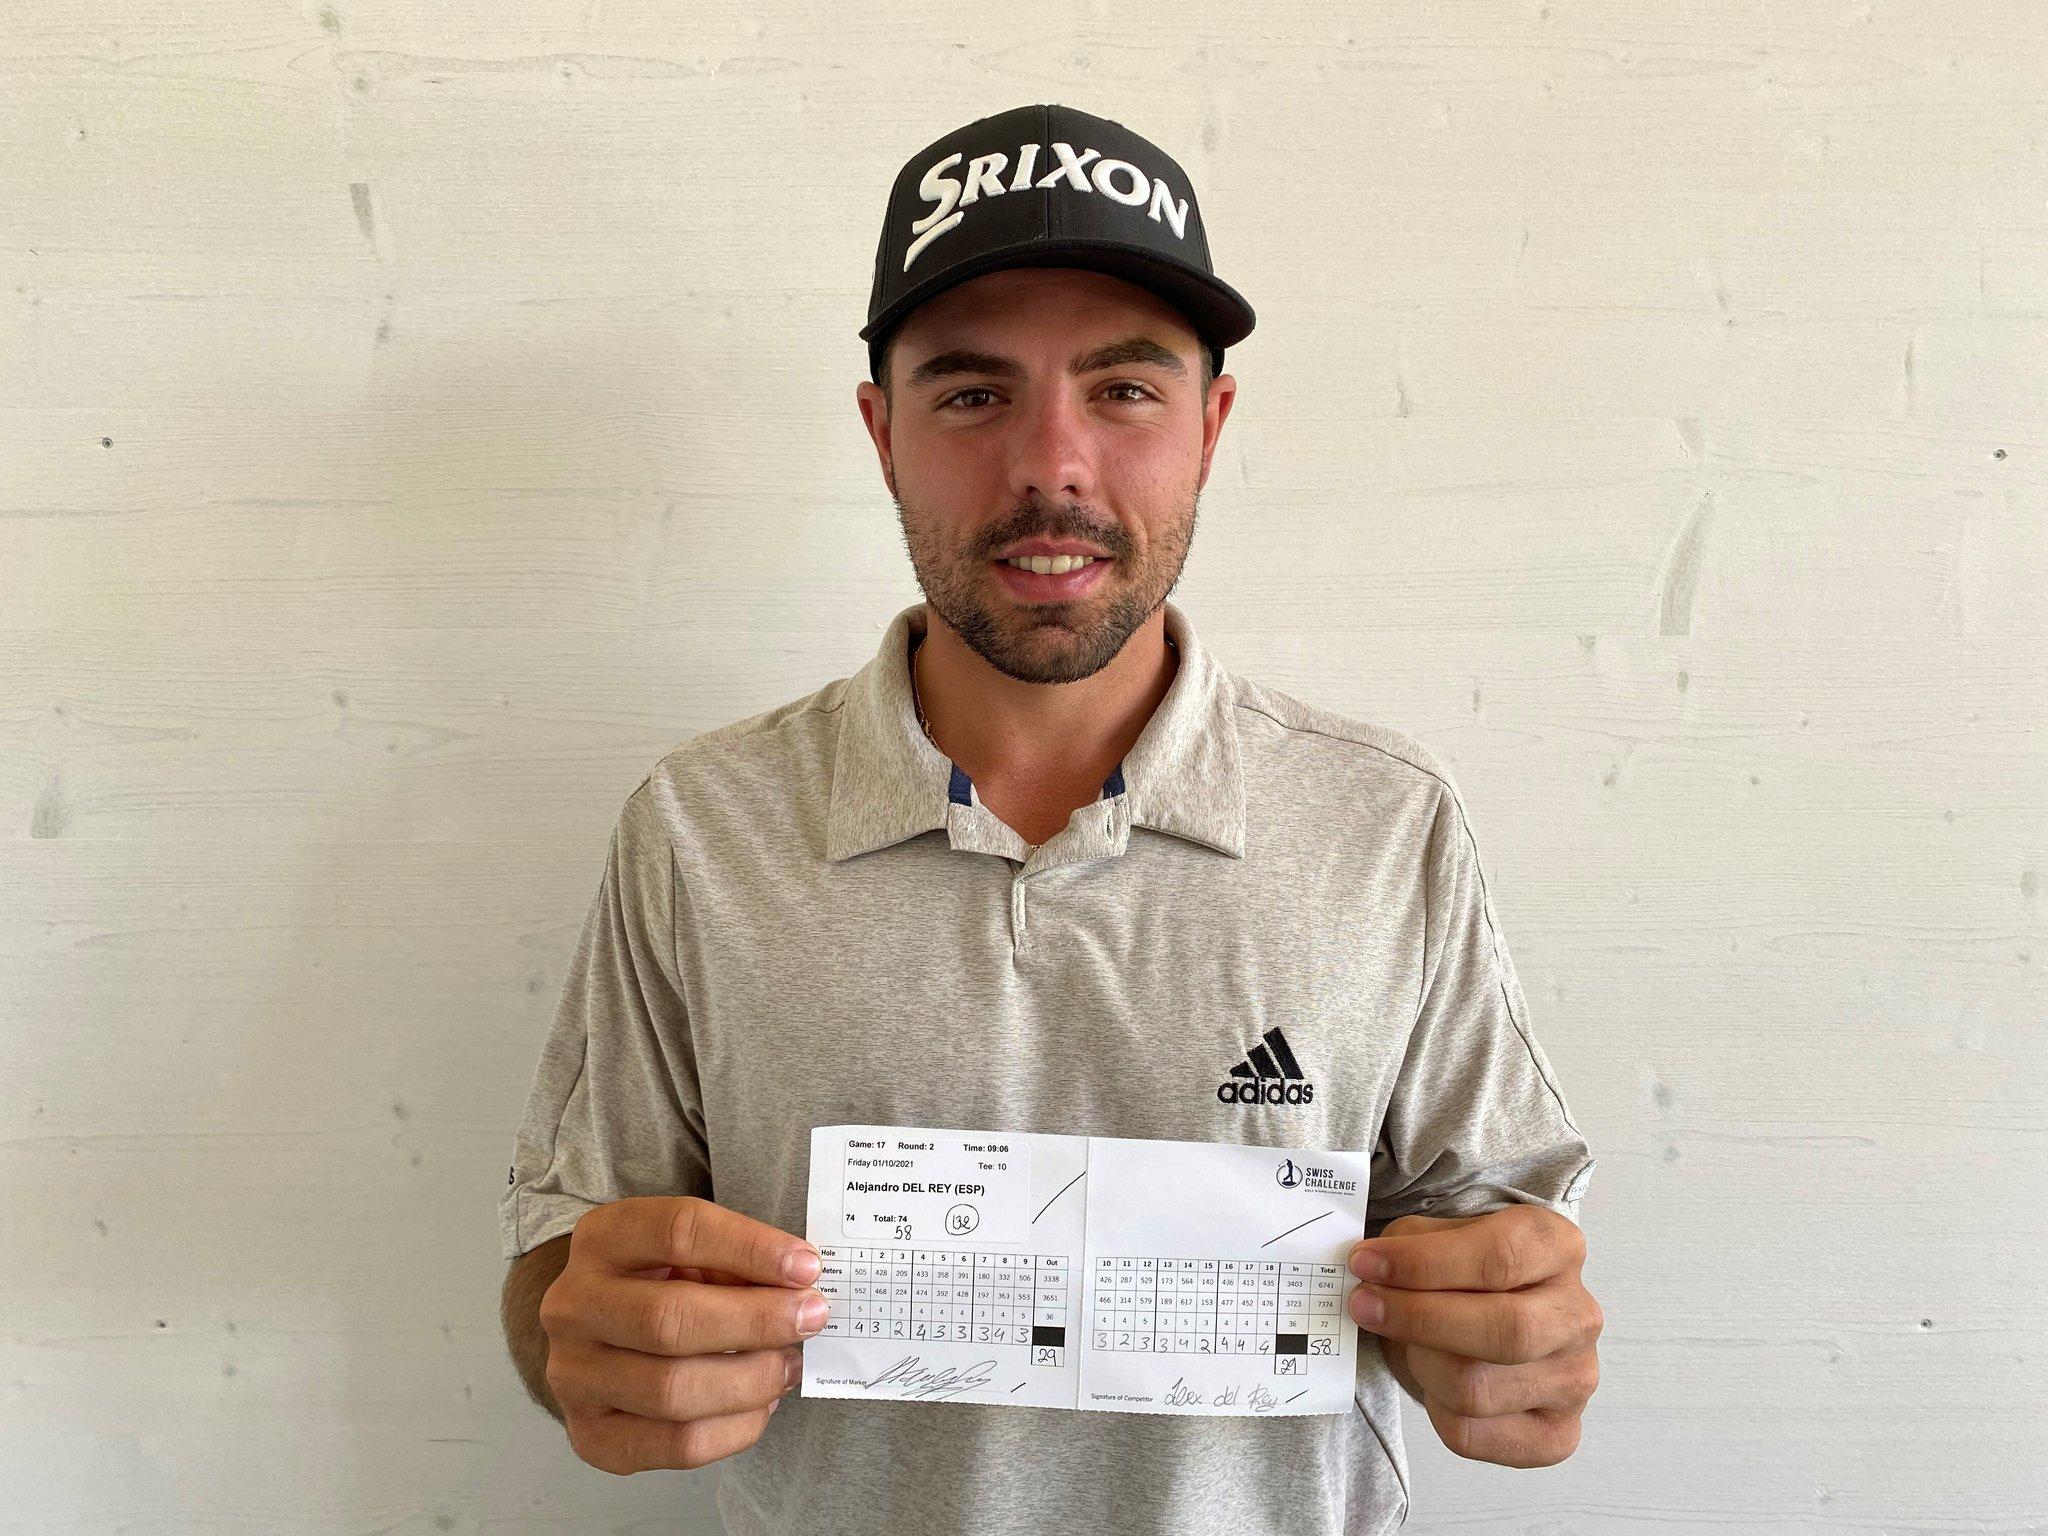 Del Rey chụp ảnh lưu niệm với bảng ghi số gậy qua mỗi hố ở vòng golf thần thành. Ảnh: Swiss Challenge